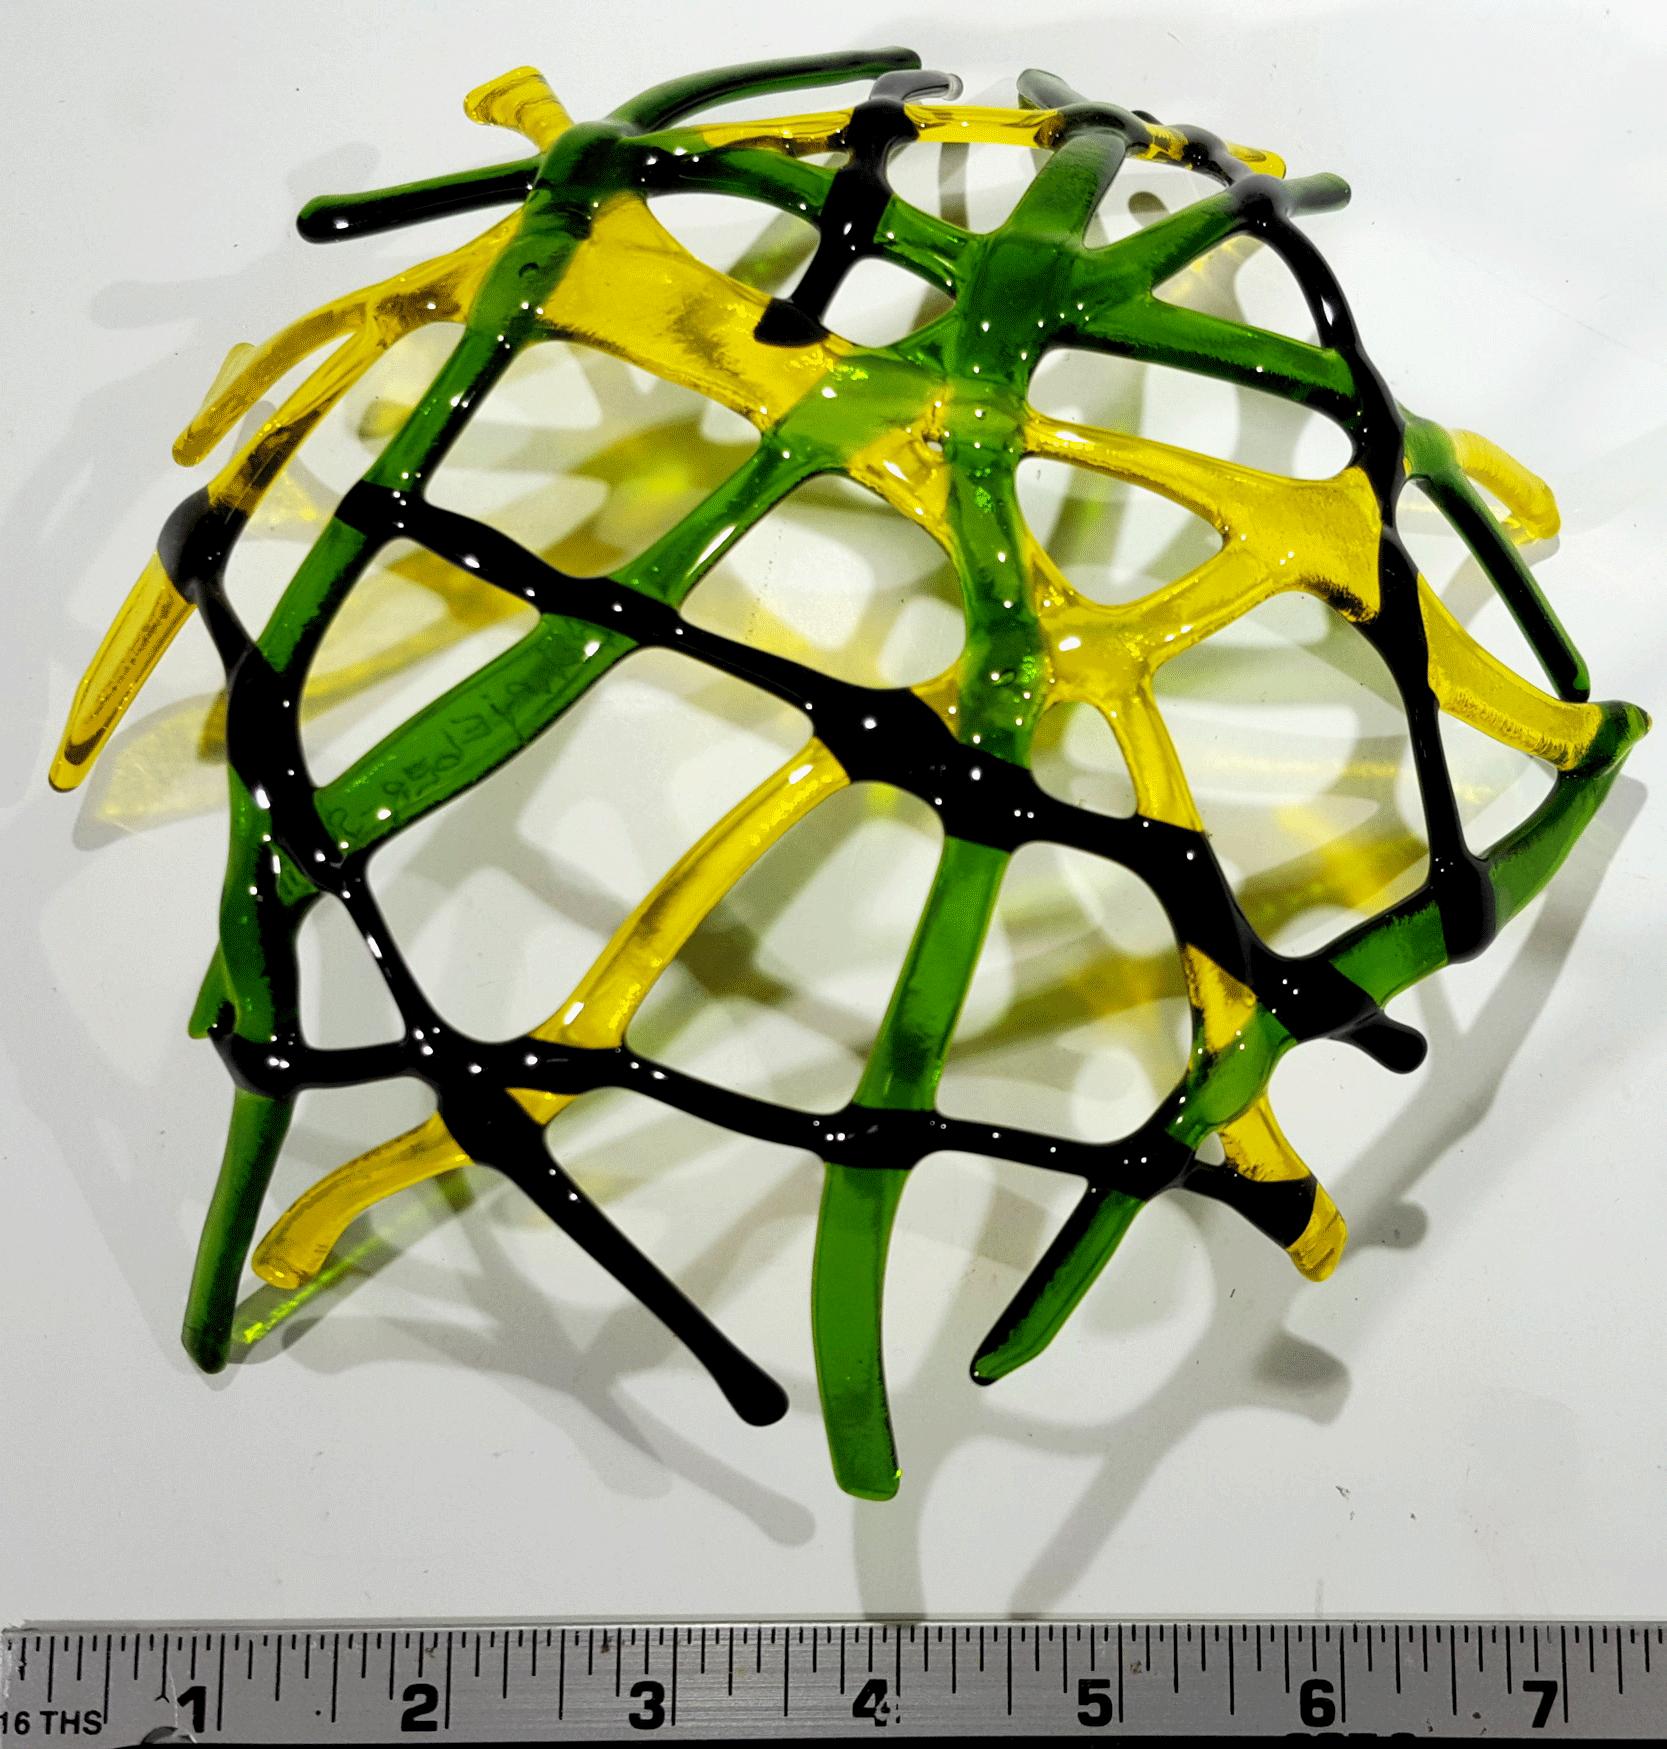 8a Organic-Variation-Bullseye-Green,-Yellow-and-Black-and-NO-Goo-Gaas-.png